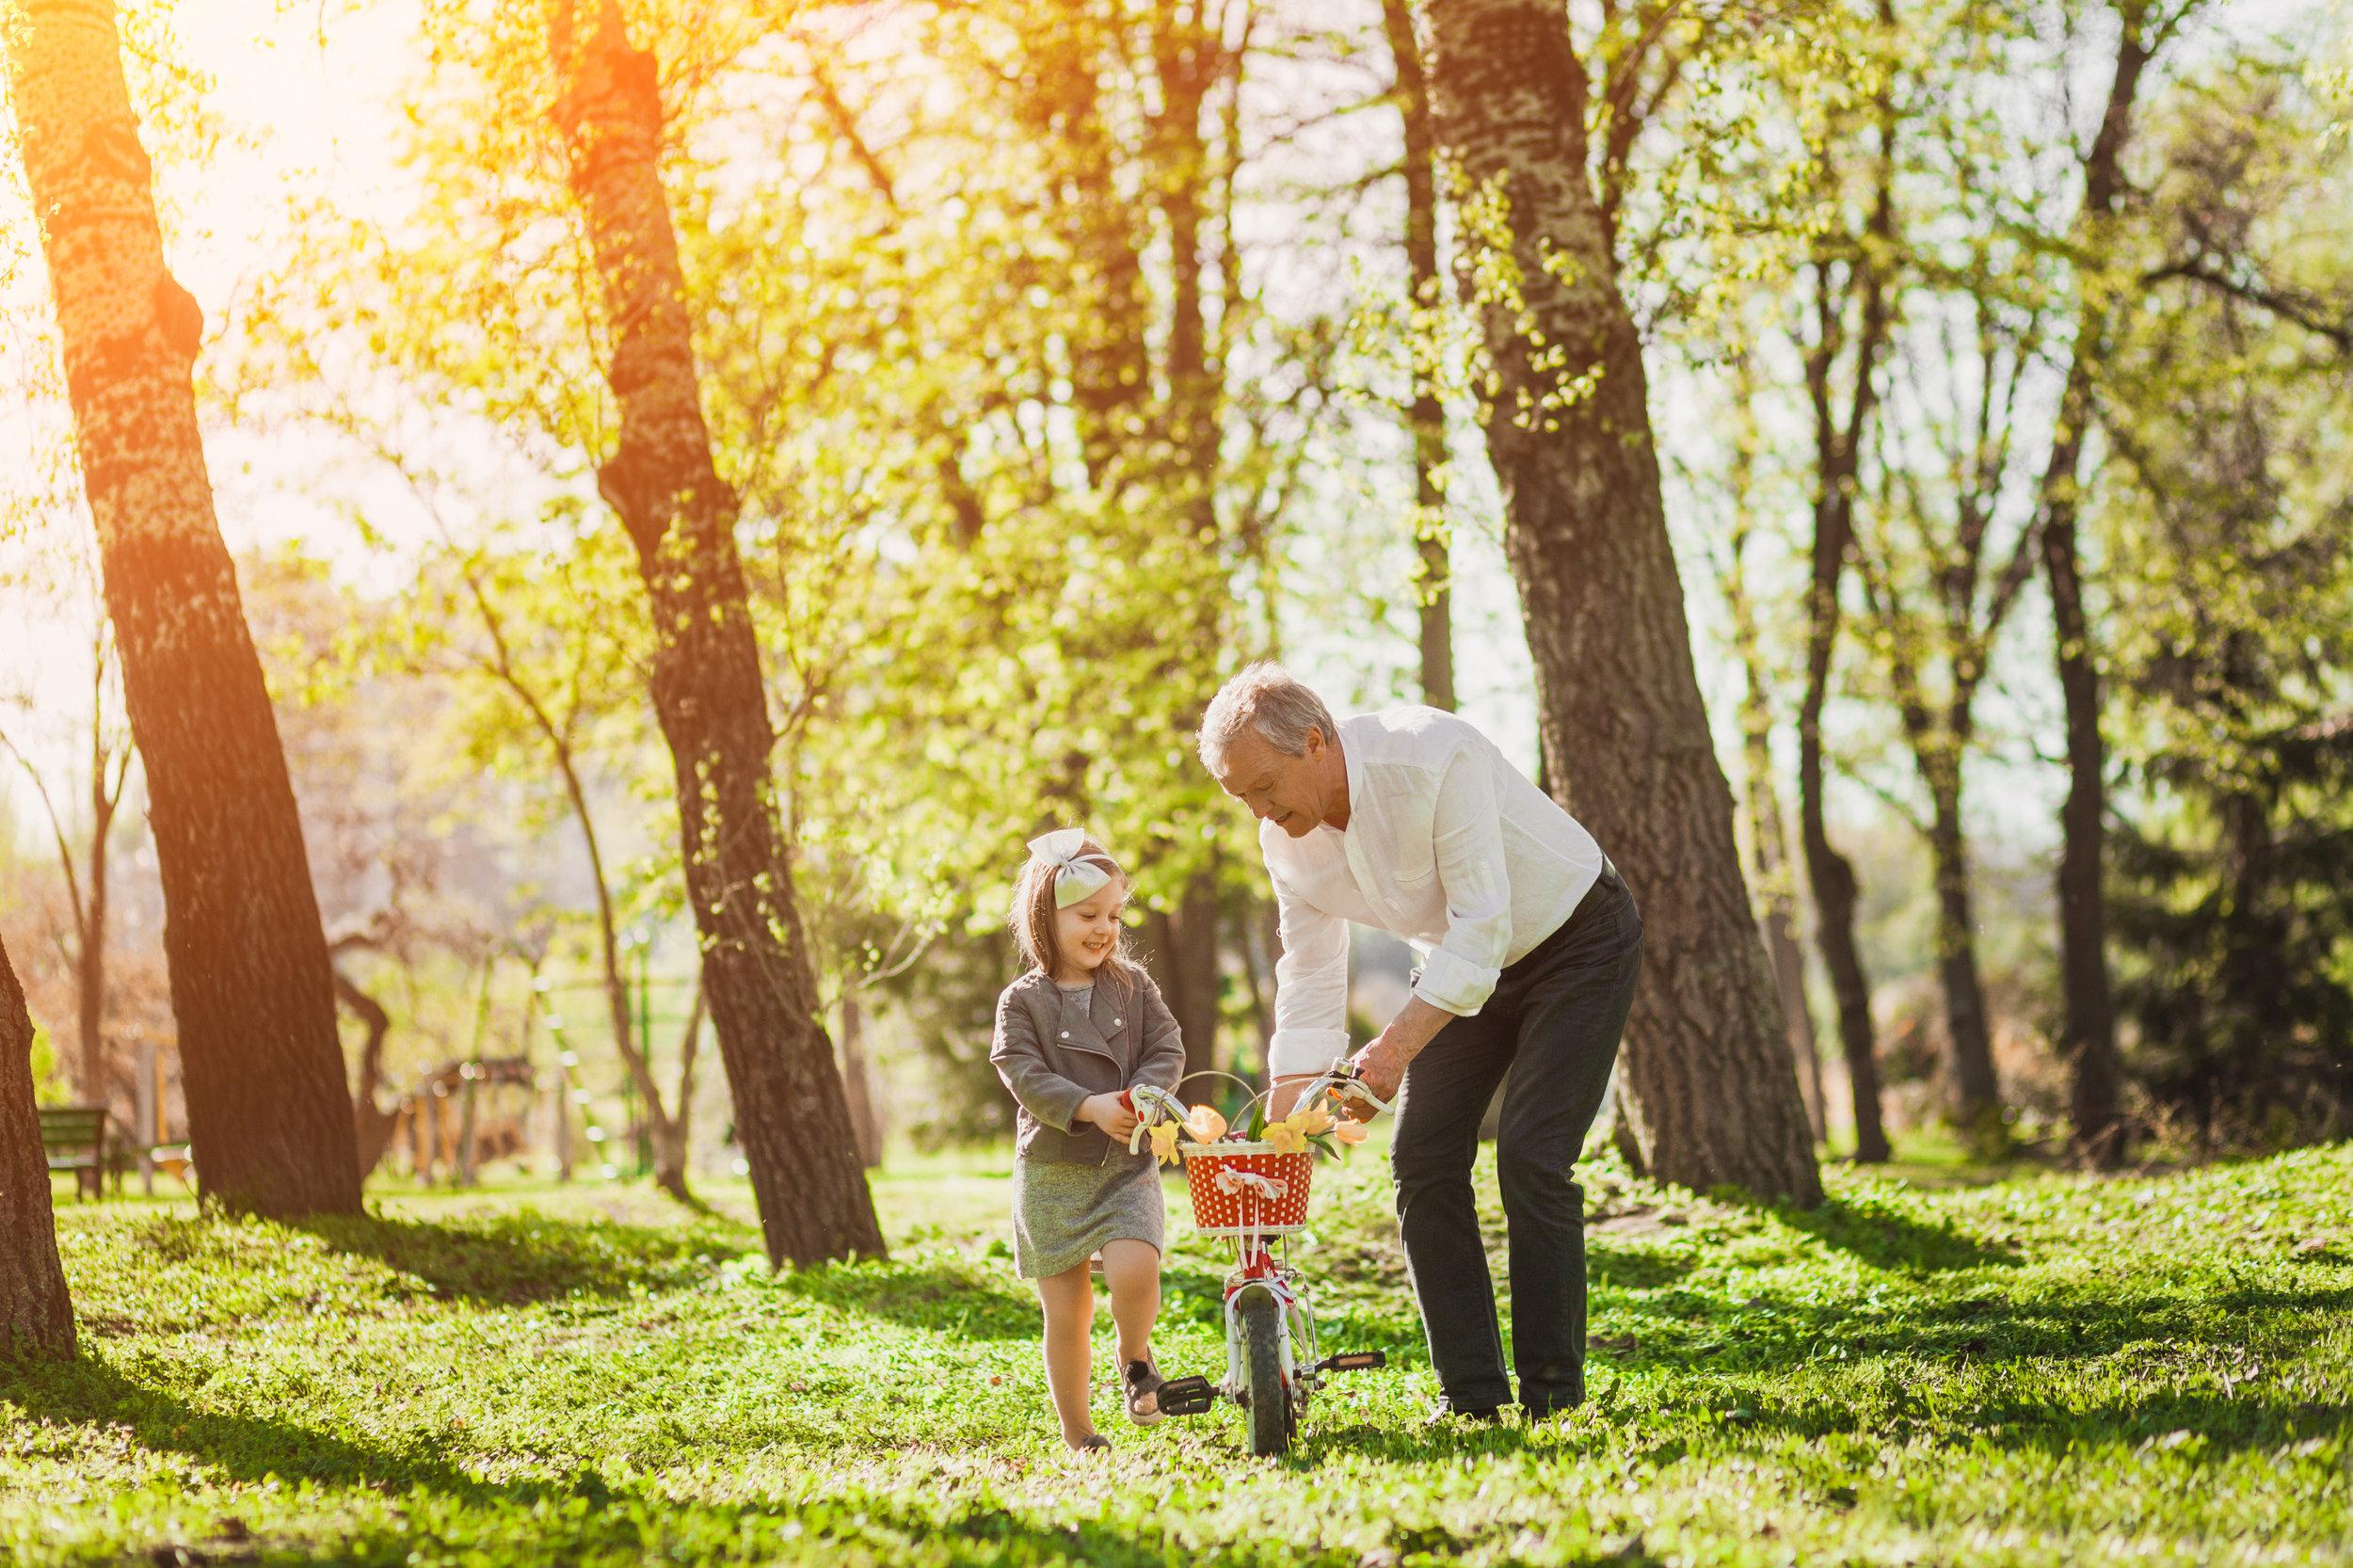 Grandpa with girl and bike.jpeg